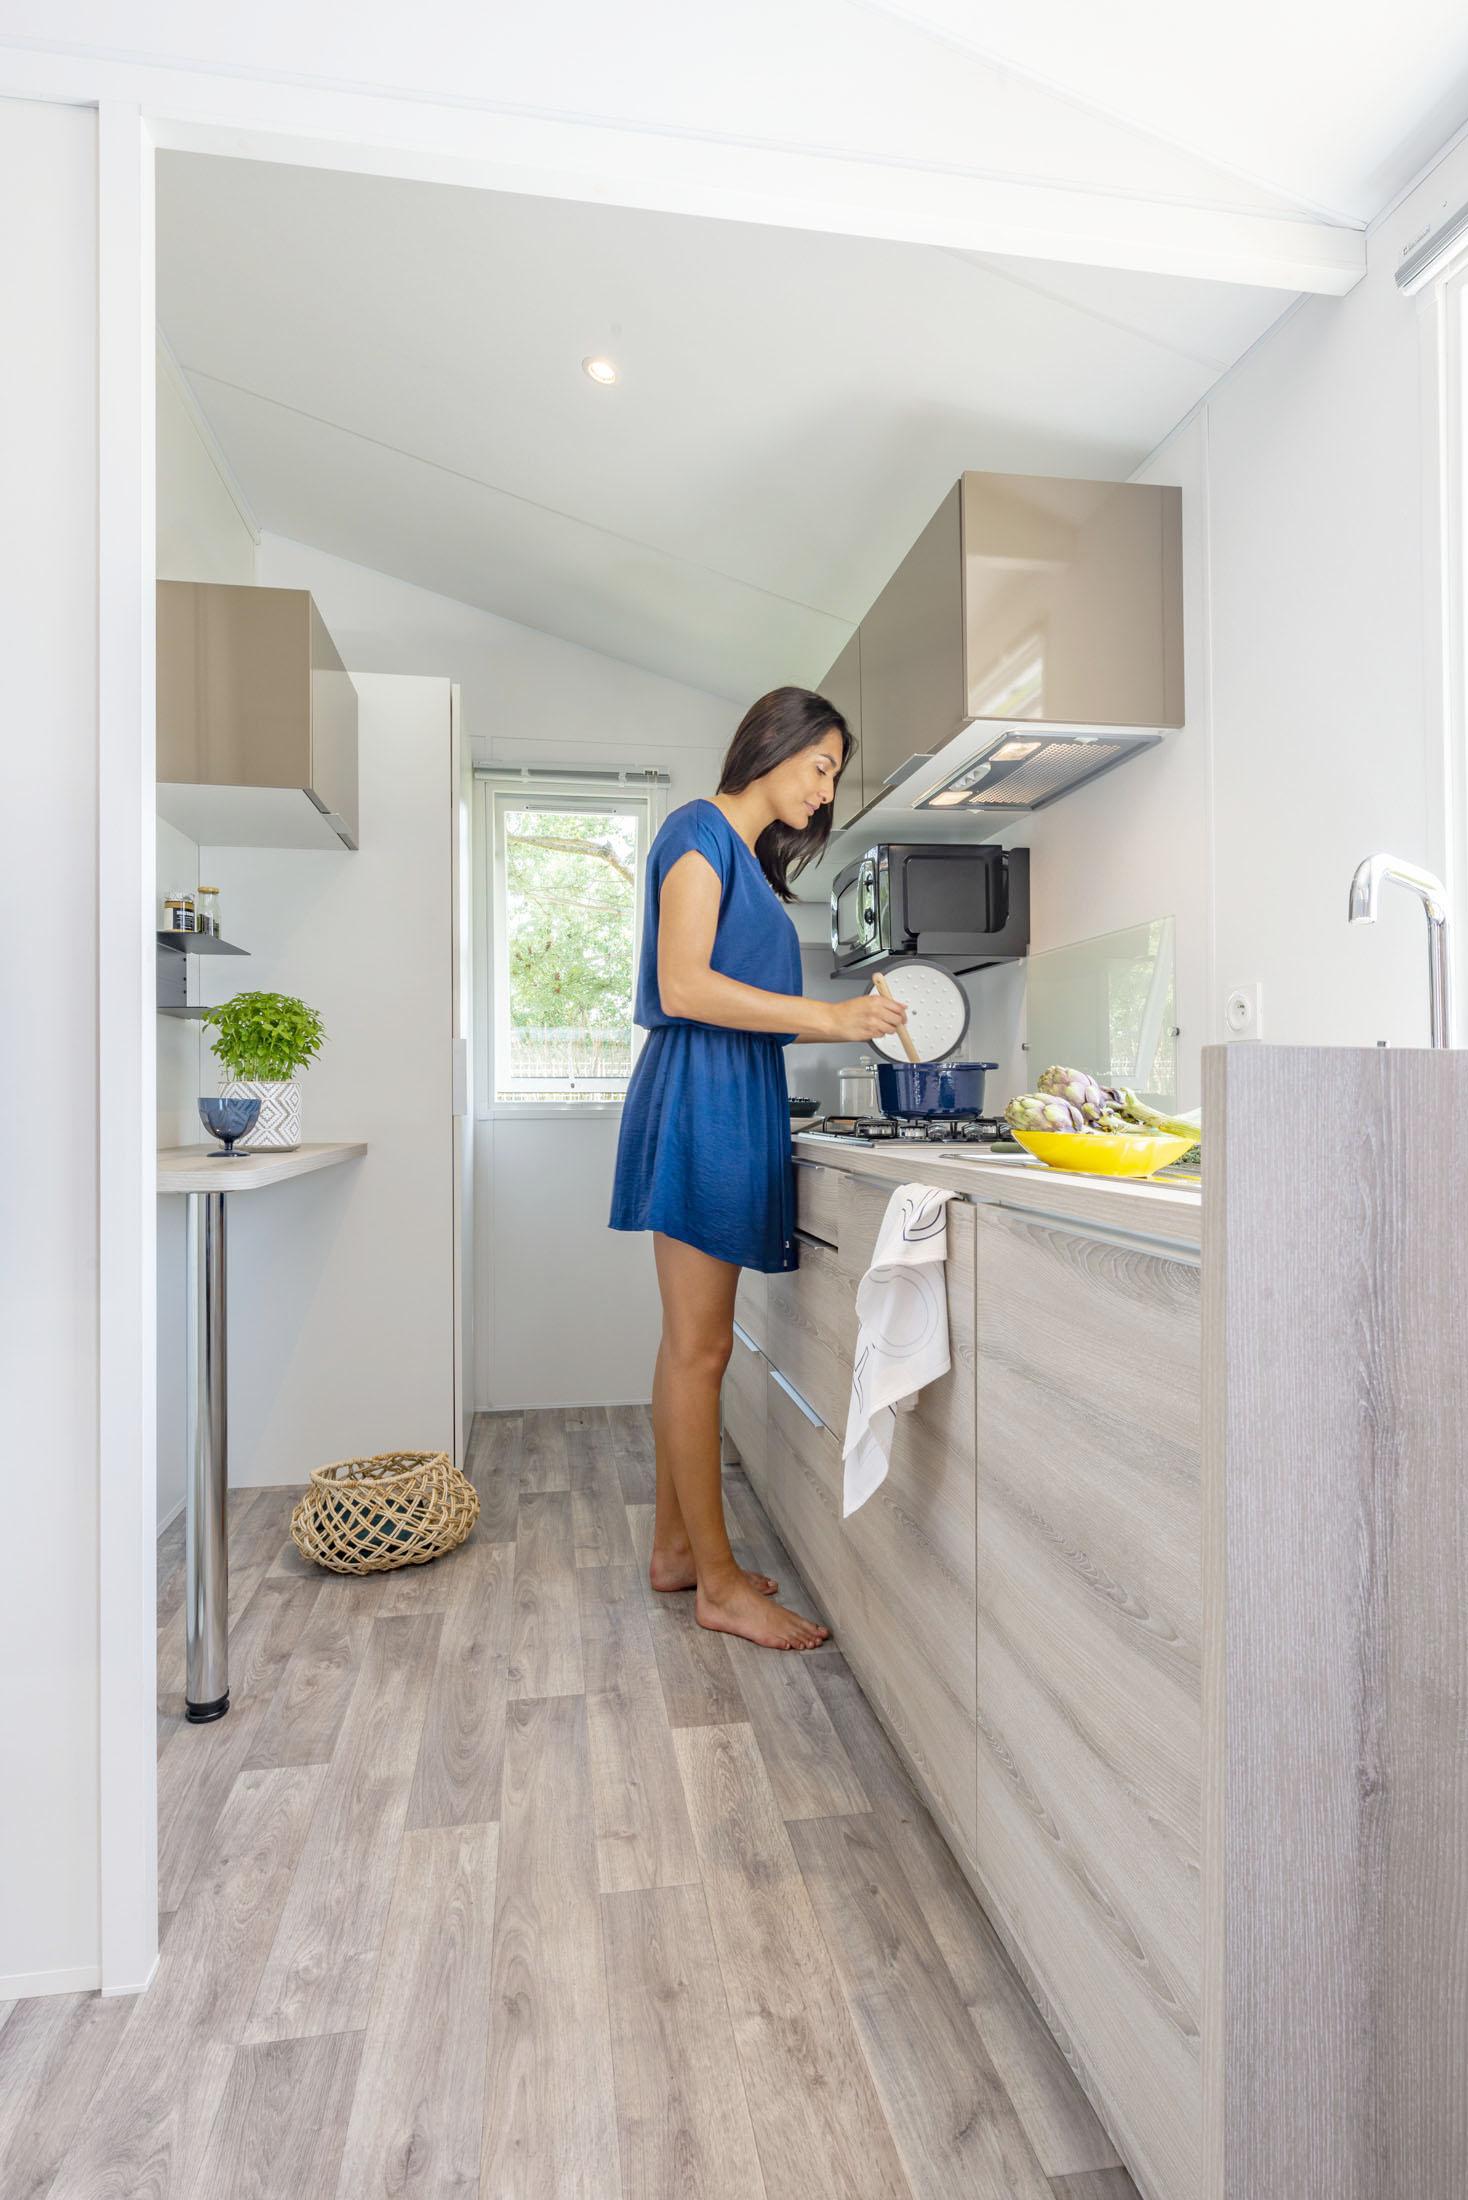 Ambiance mannequin dans une cuisine de mobil-home